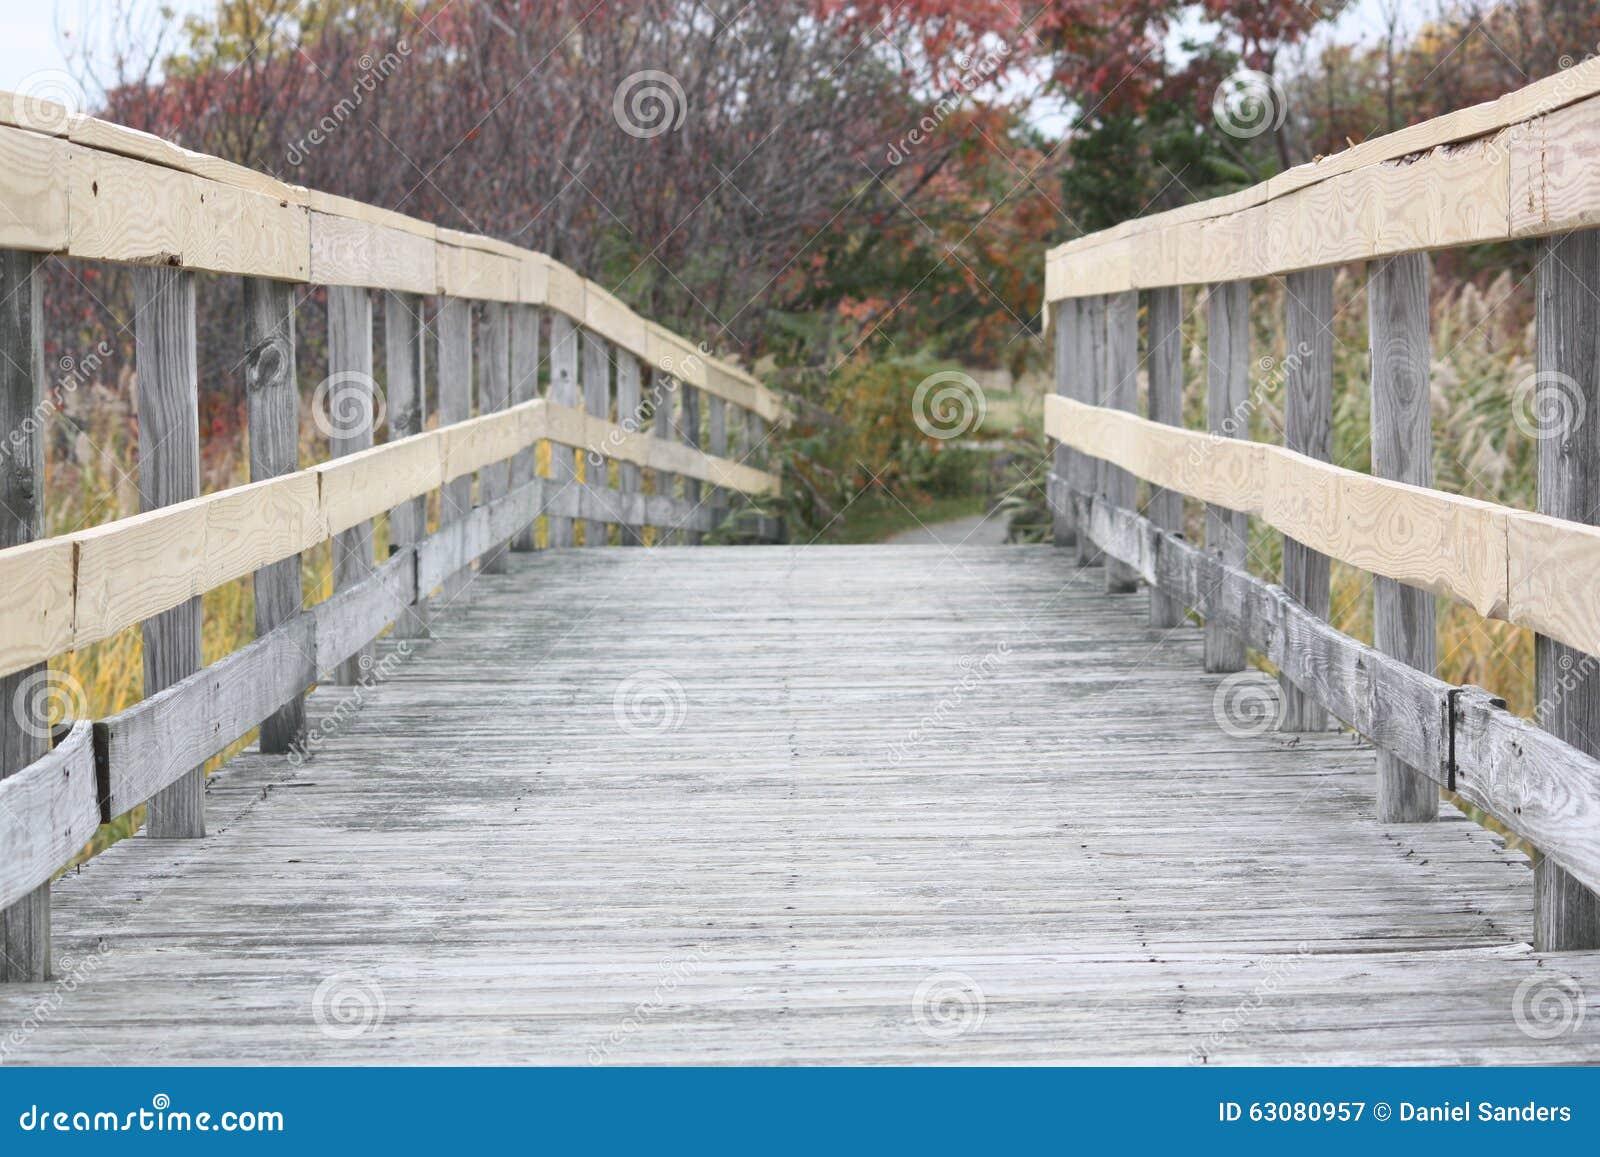 Download Passerelle en bois image stock. Image du home, passerelle - 63080957